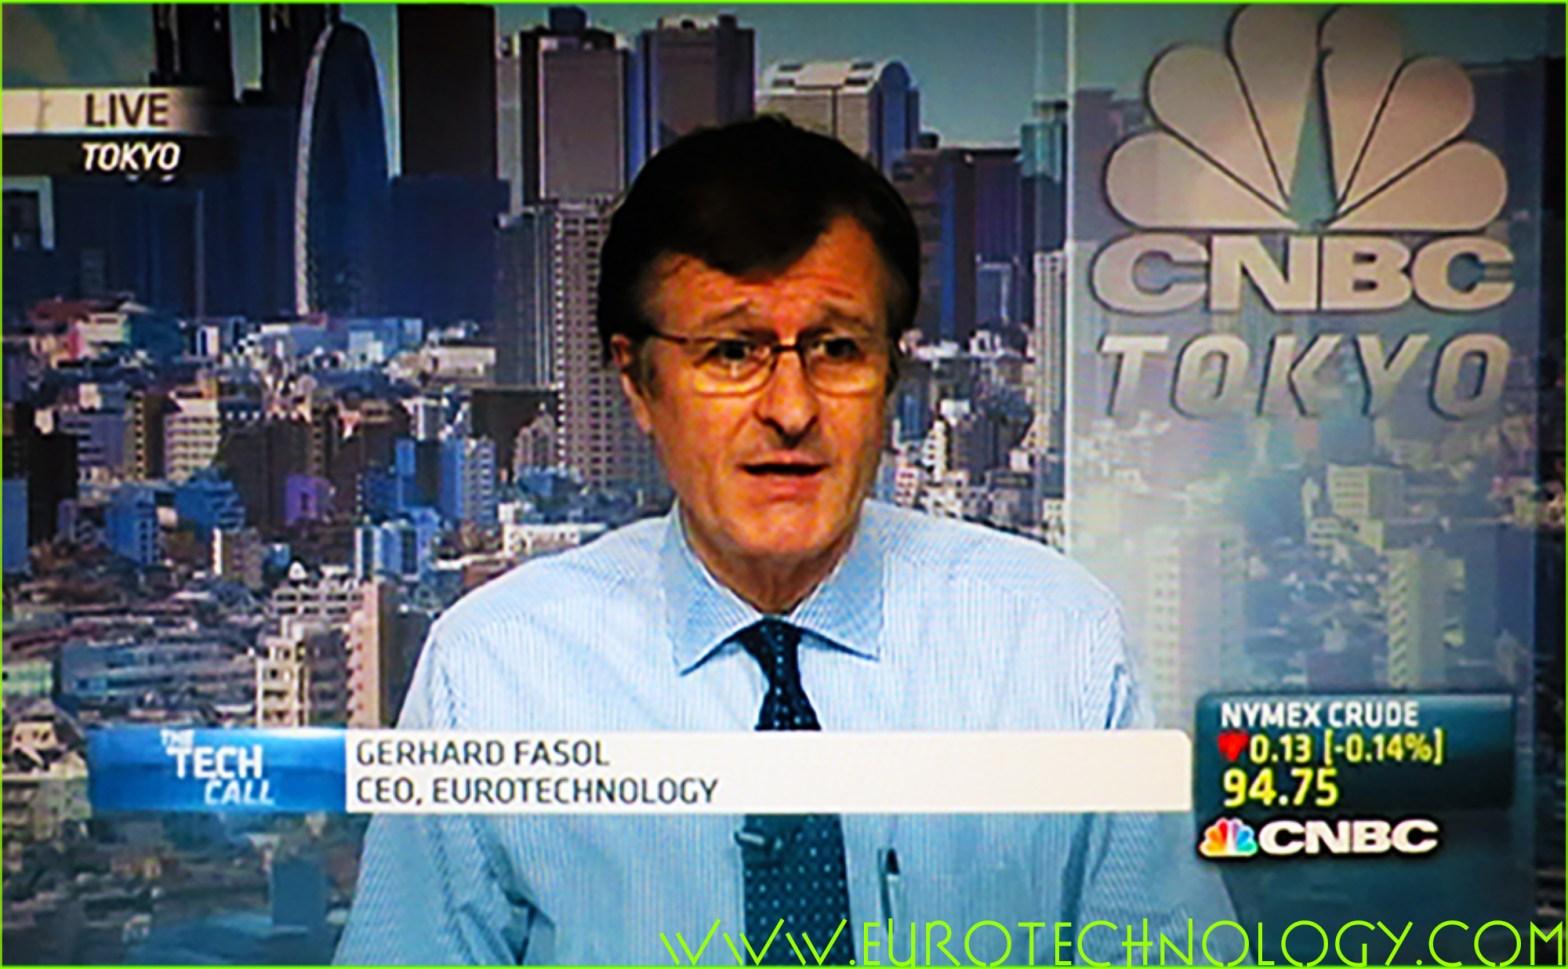 Gerhard Fasol CNBC